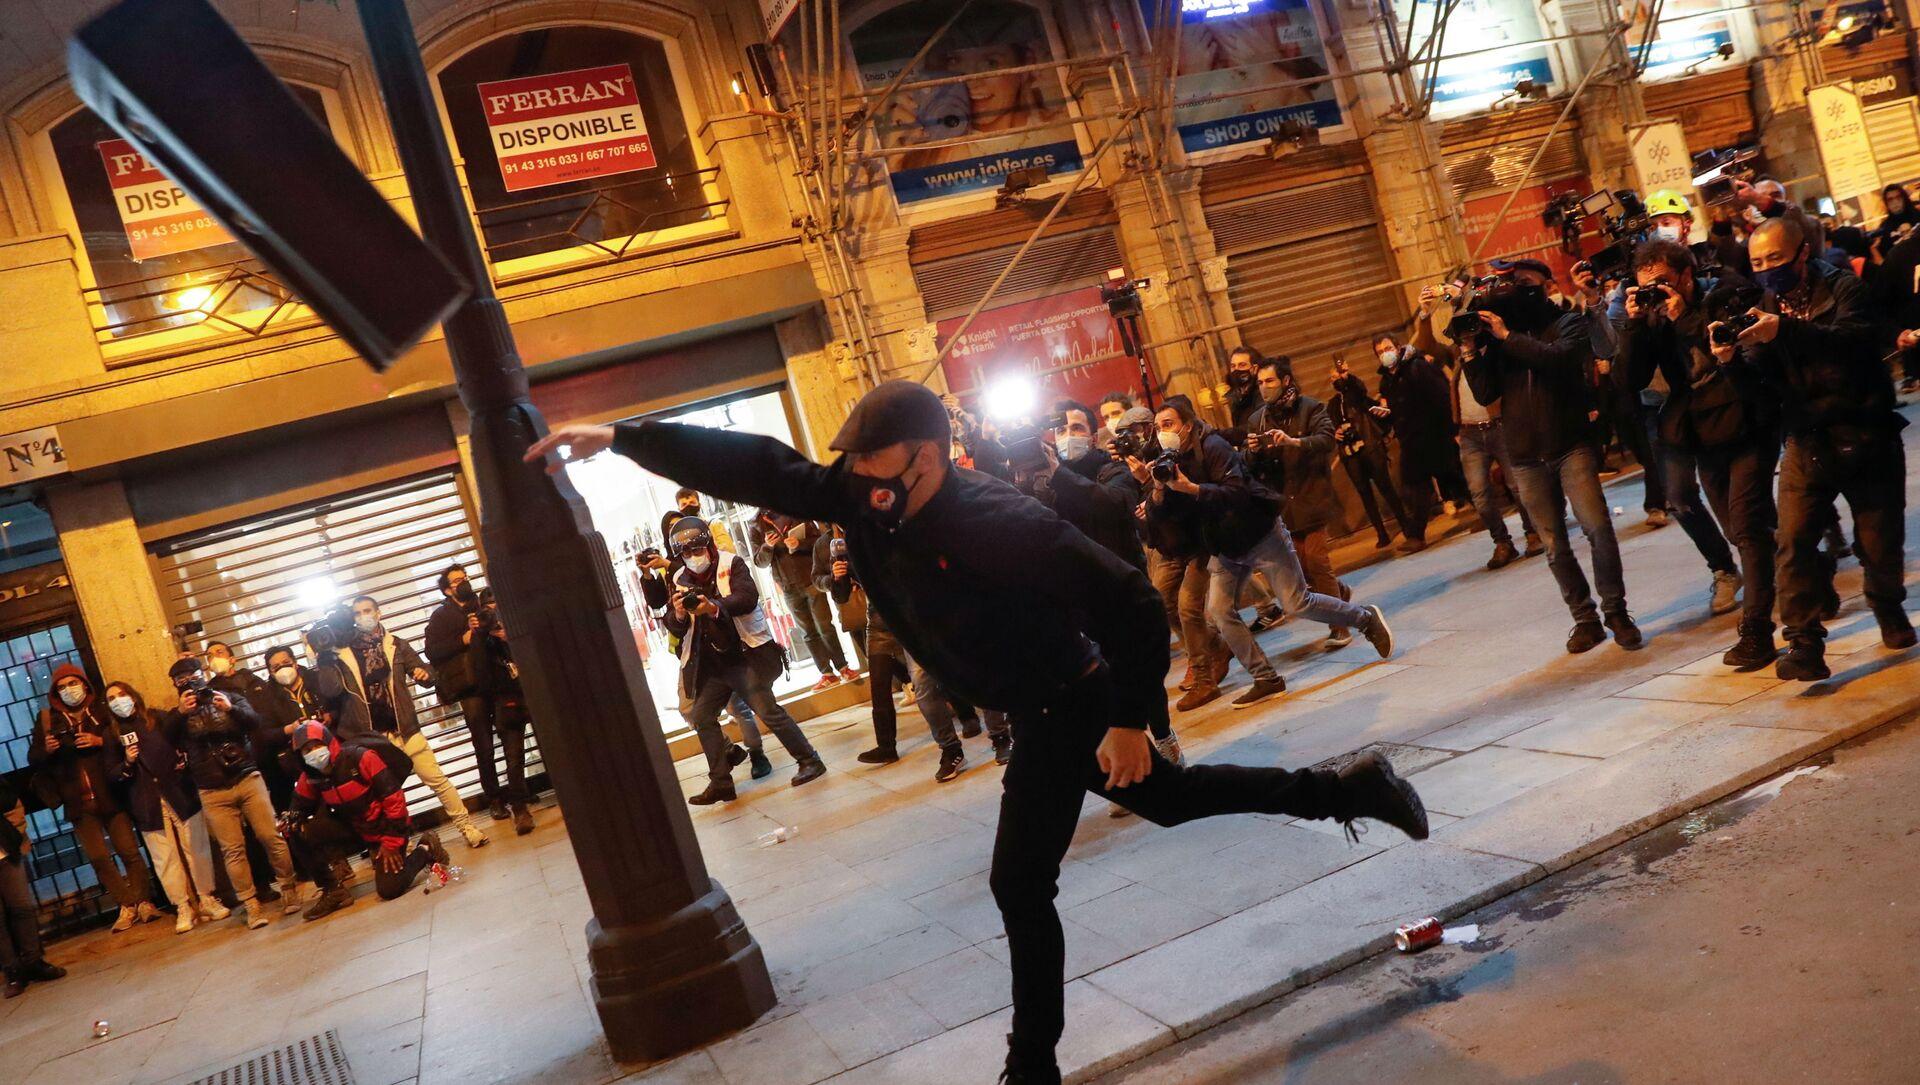 Демонстрант бросает мусорное ведро во время протеста сторонников рэпера Пабло Хазеля в Мадриде, Испания - Sputnik Italia, 1920, 20.02.2021